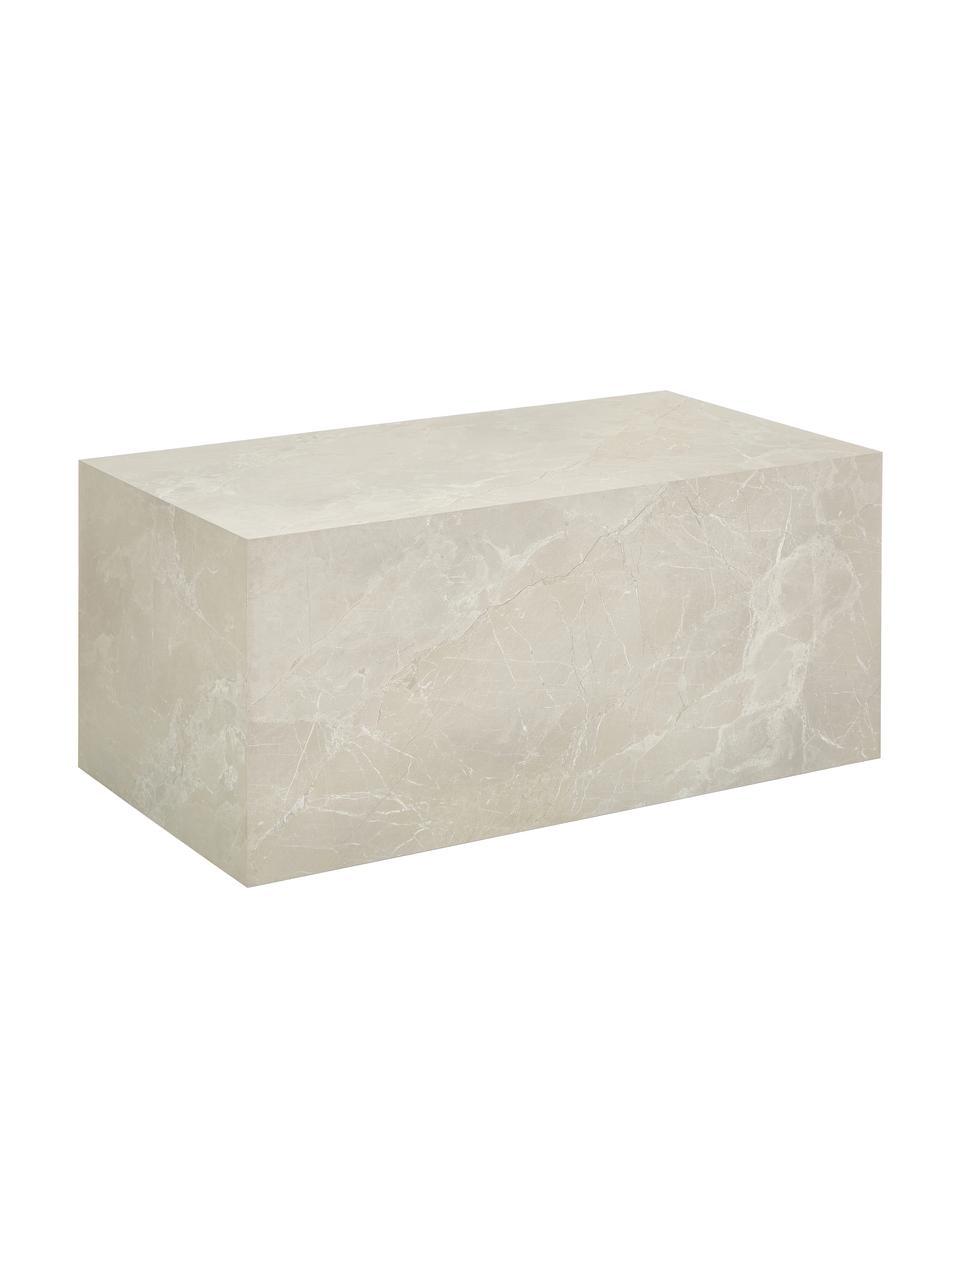 Tavolino da salotto effetto travertino Lesley, Pannello di fibra a media densità (MDF) rivestito con foglio di melamina, Beige, Larg. 90 x Alt. 40 cm